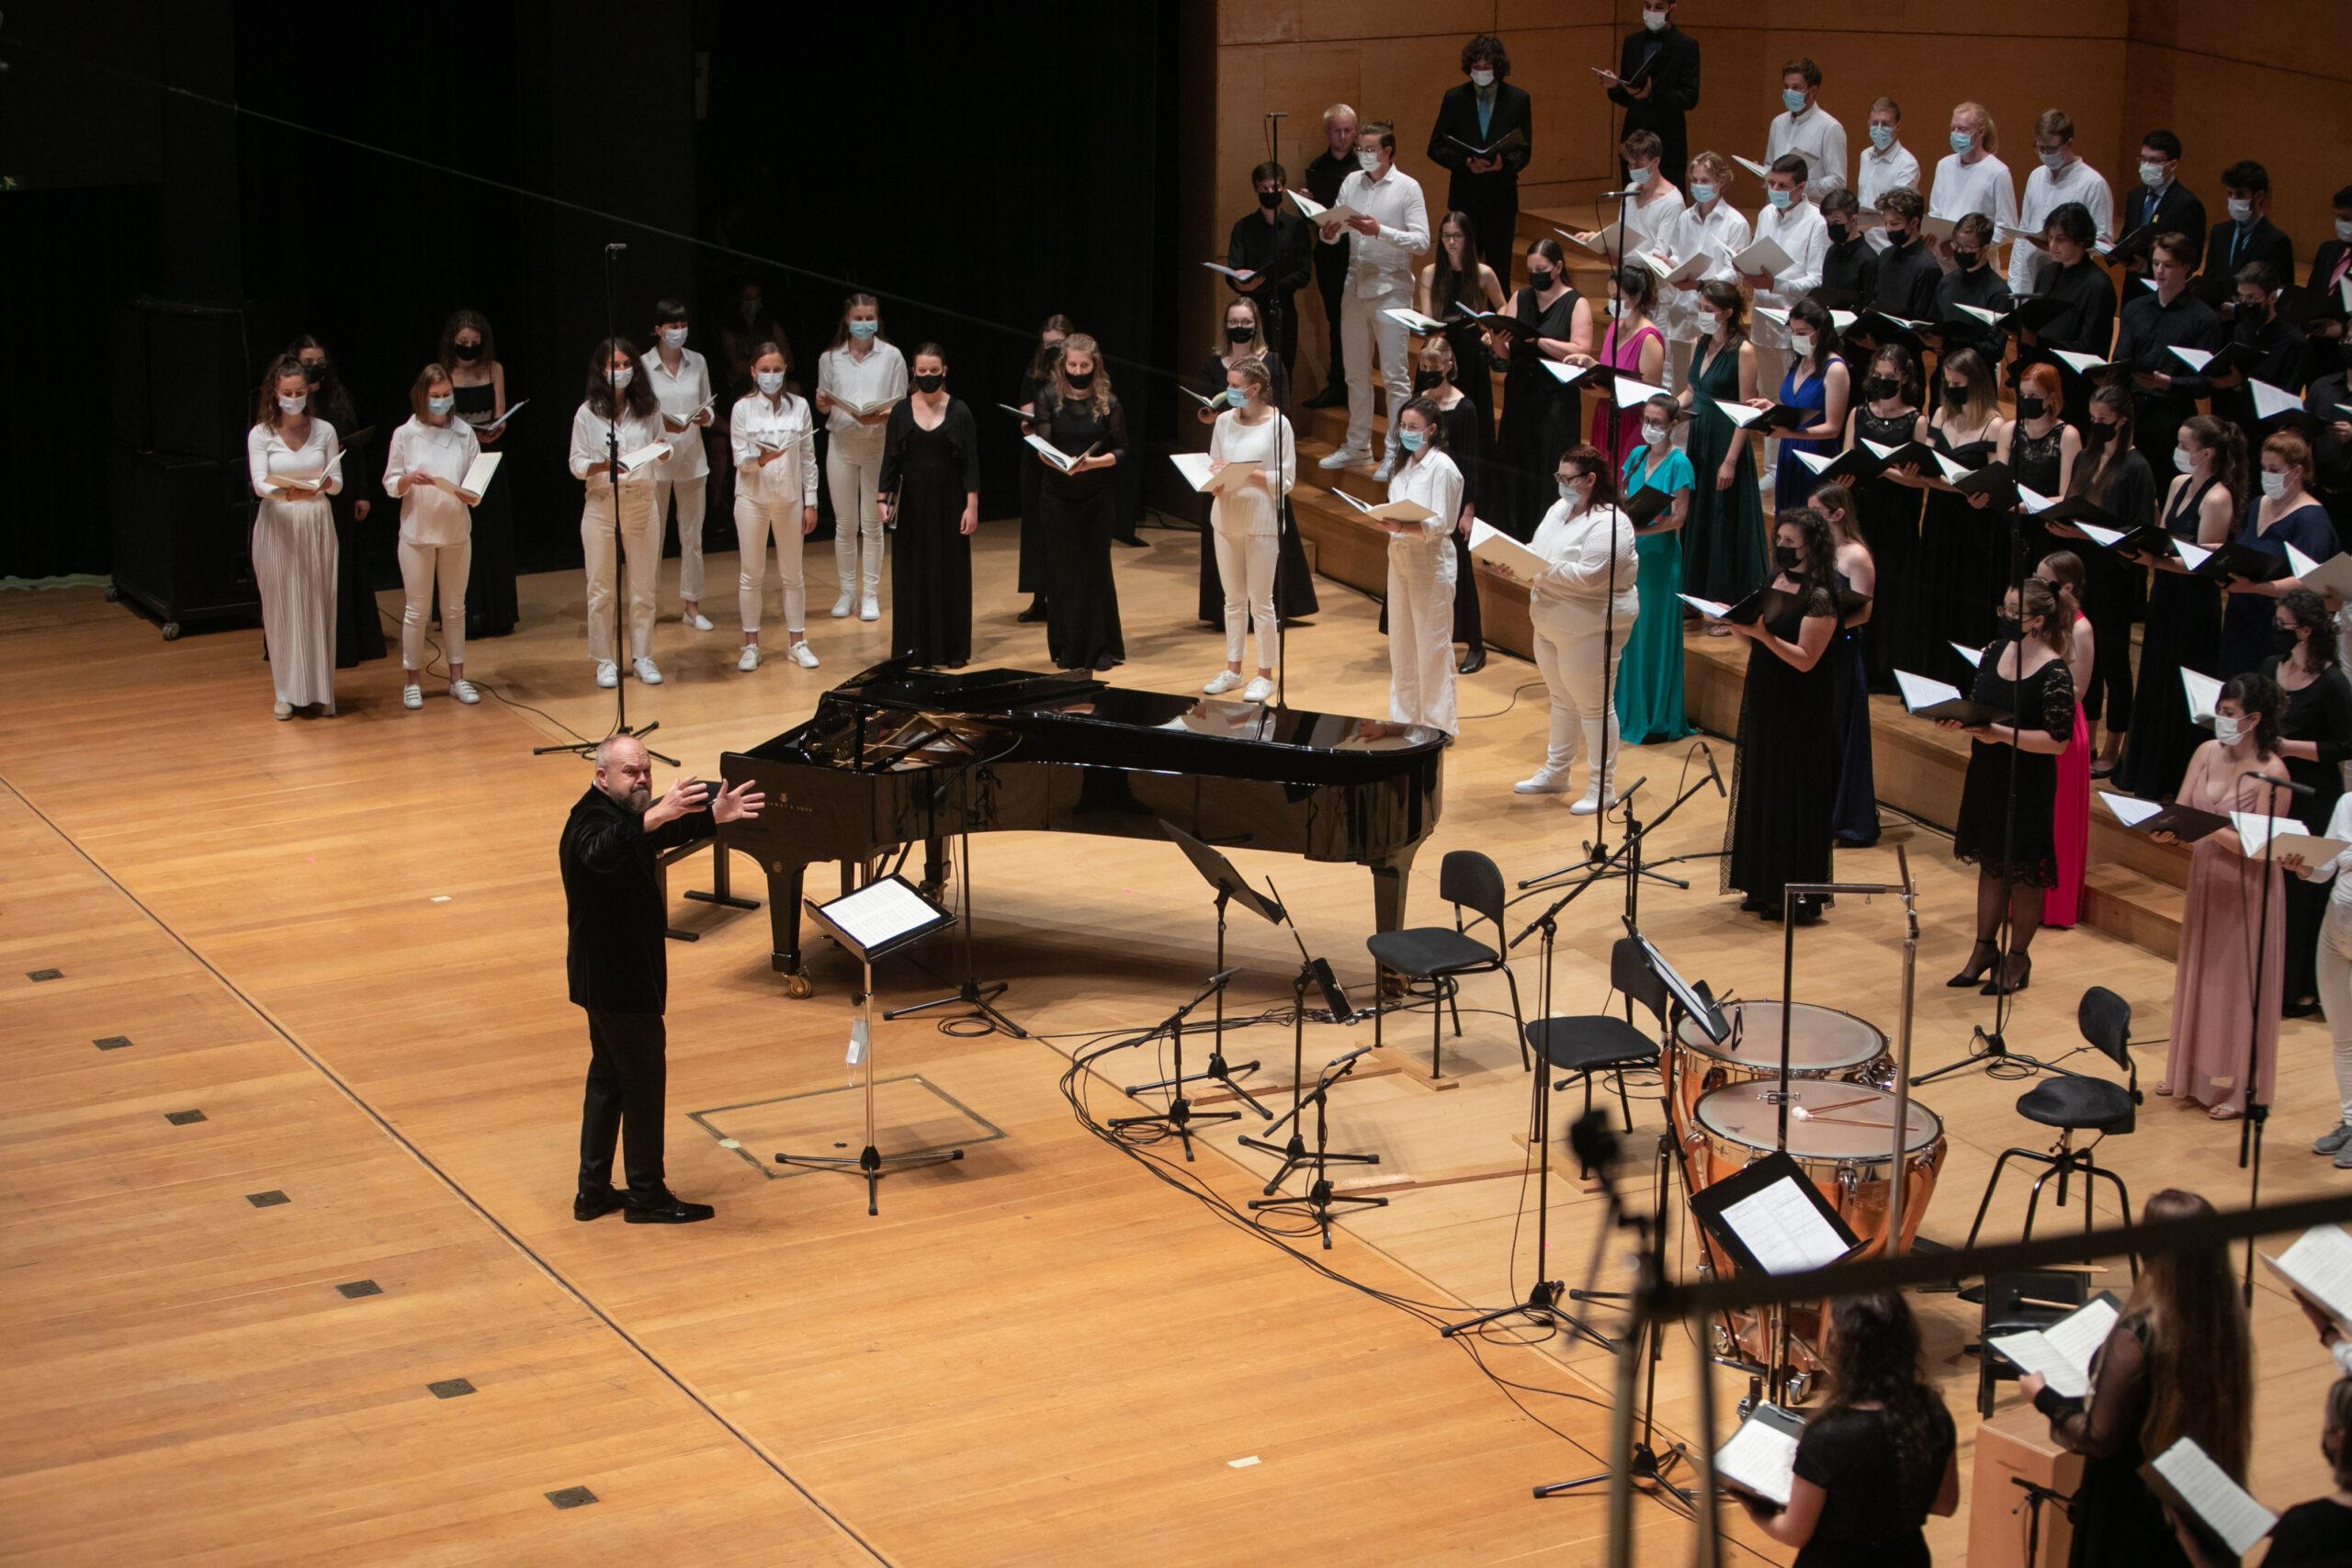 Nacionalni mladinski zbori / National Youth Choirs; Photo: Tomaž Črnej